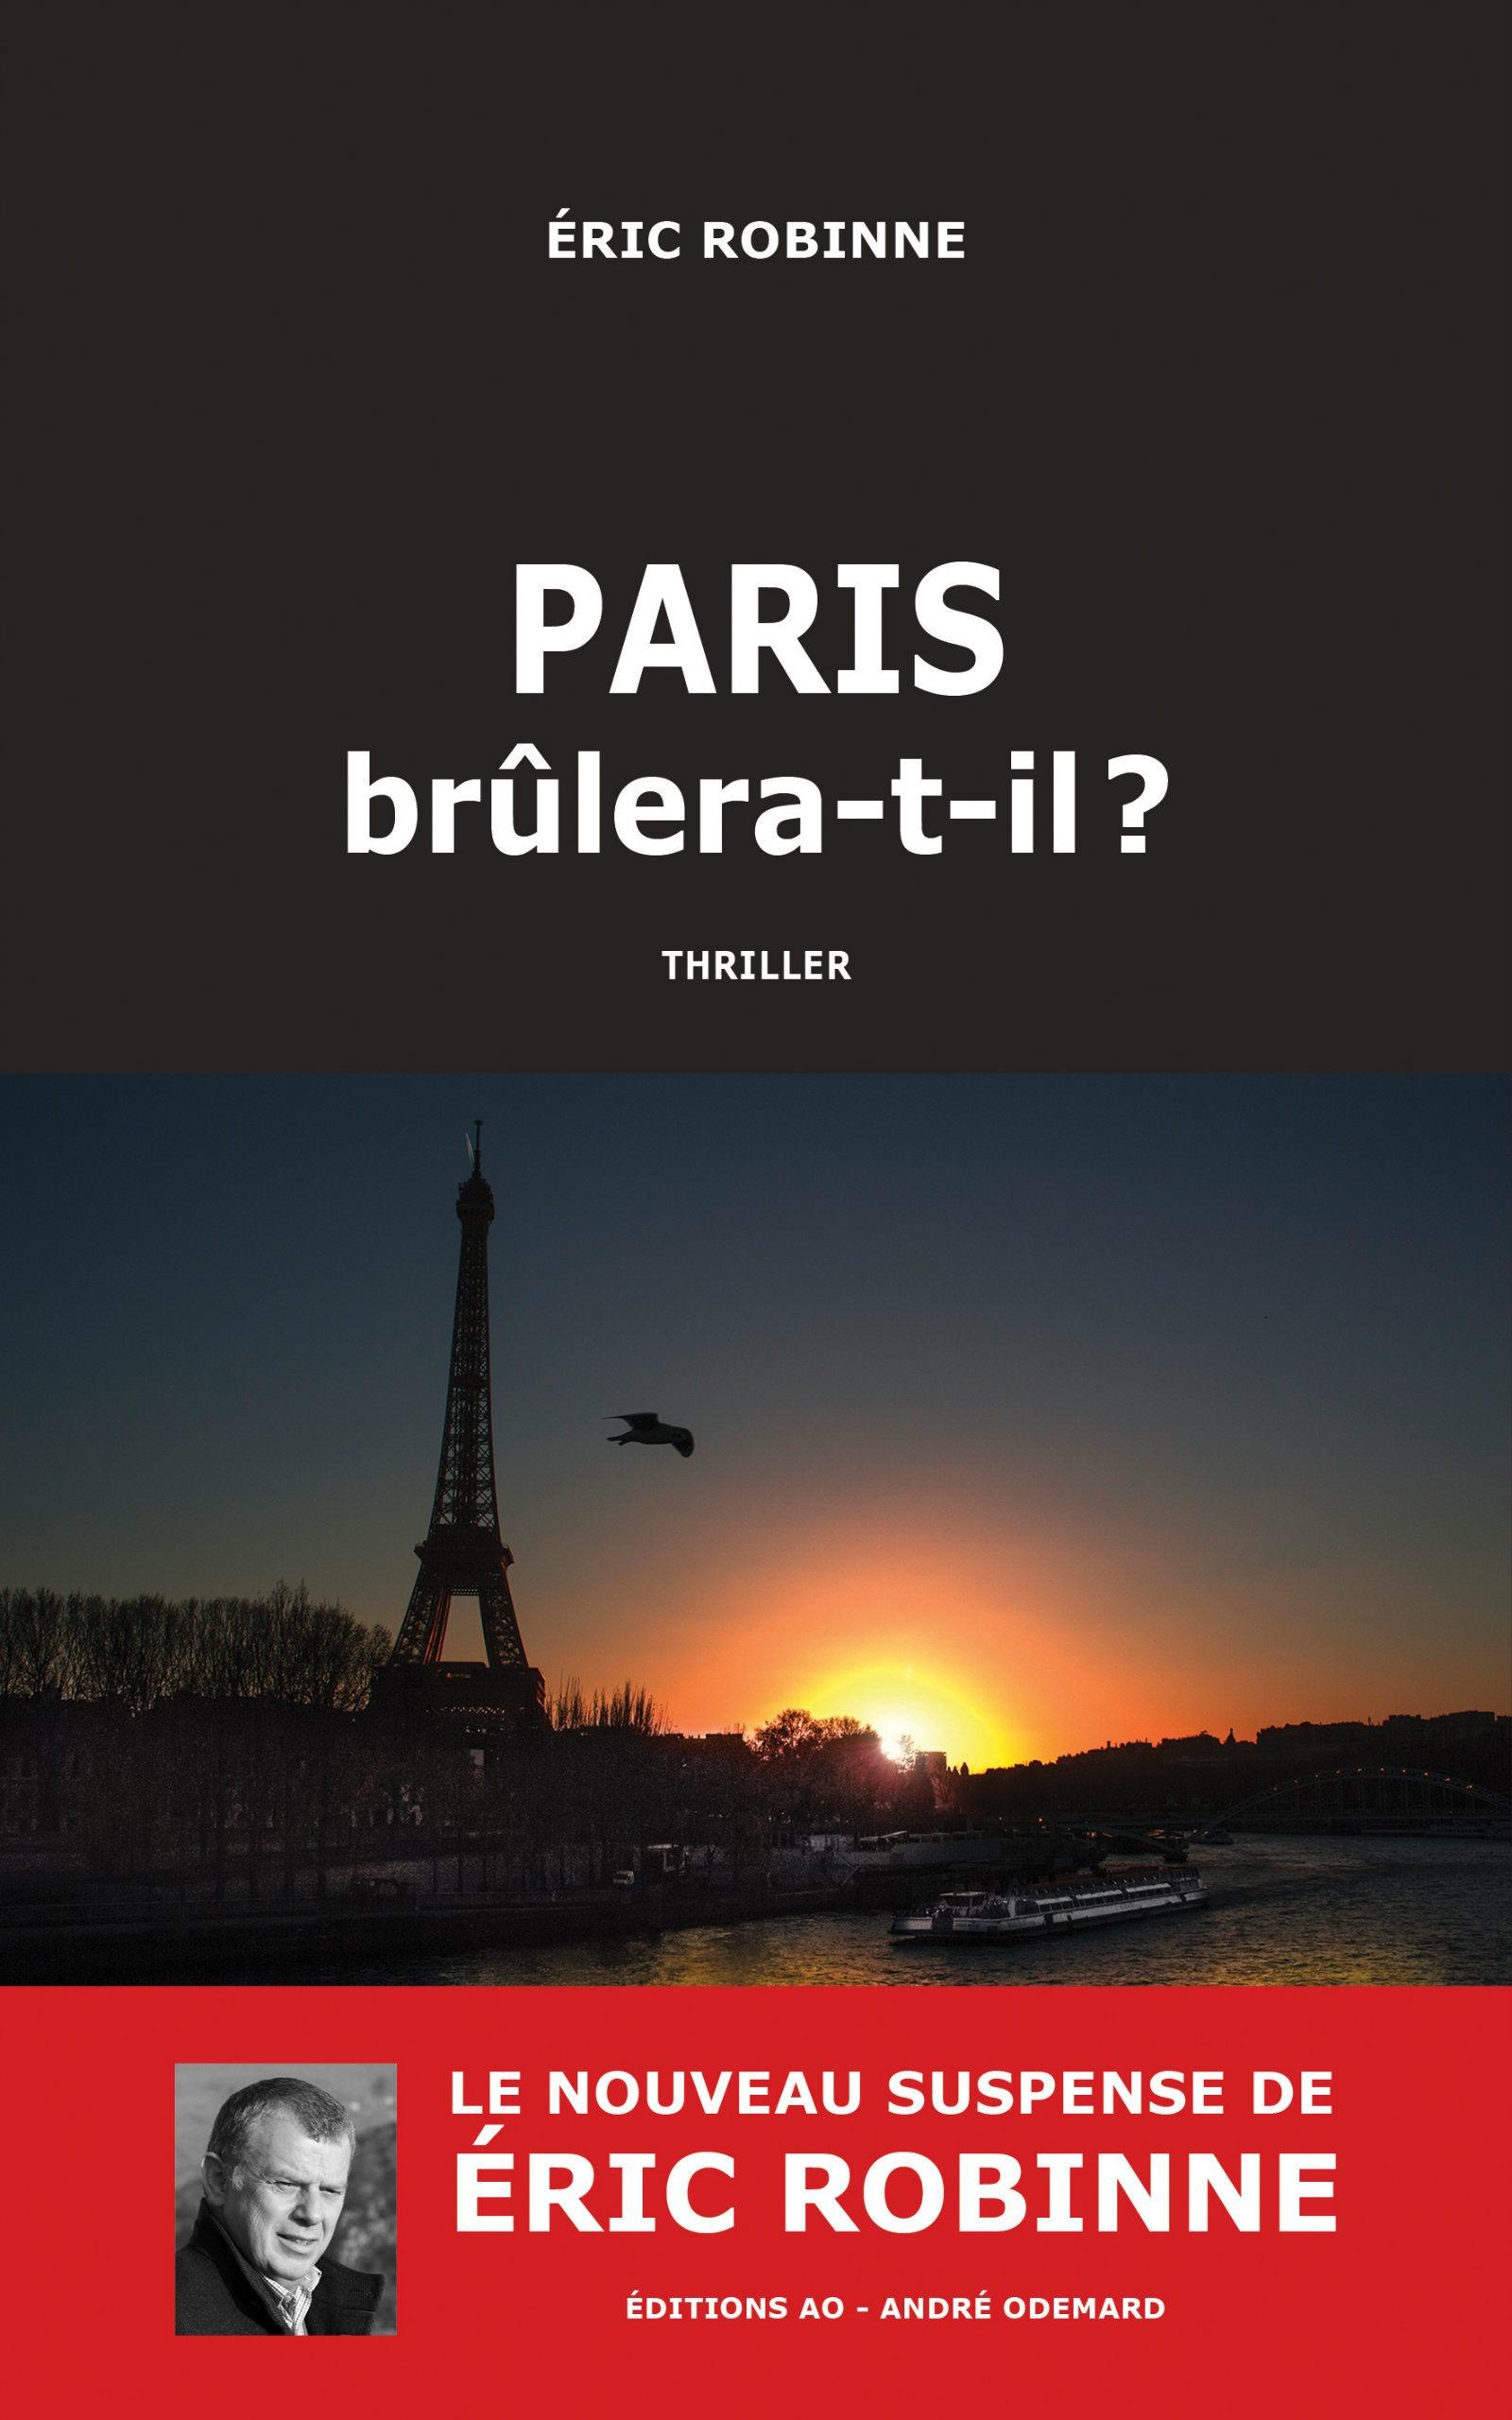 Paris brulera-t-il ?